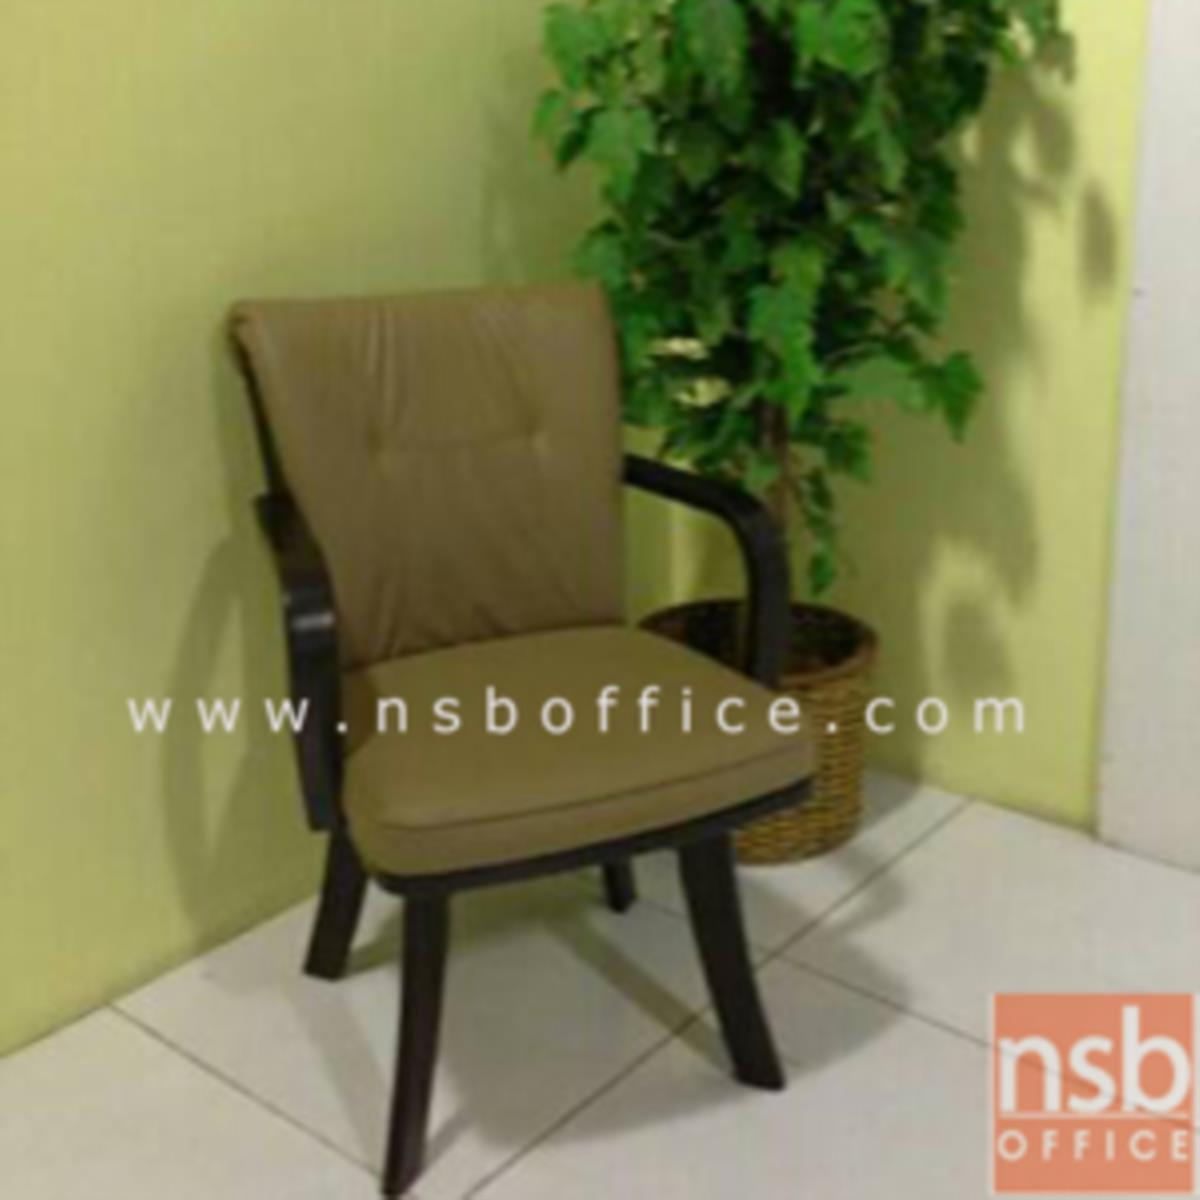 ชุดโต๊ะรับประทานอาหารหน้าไม้ยางพารา รุ่น SATANA 4 ,6 ที่นั่ง ขนาด 150W cm. พร้อมเก้าอี้